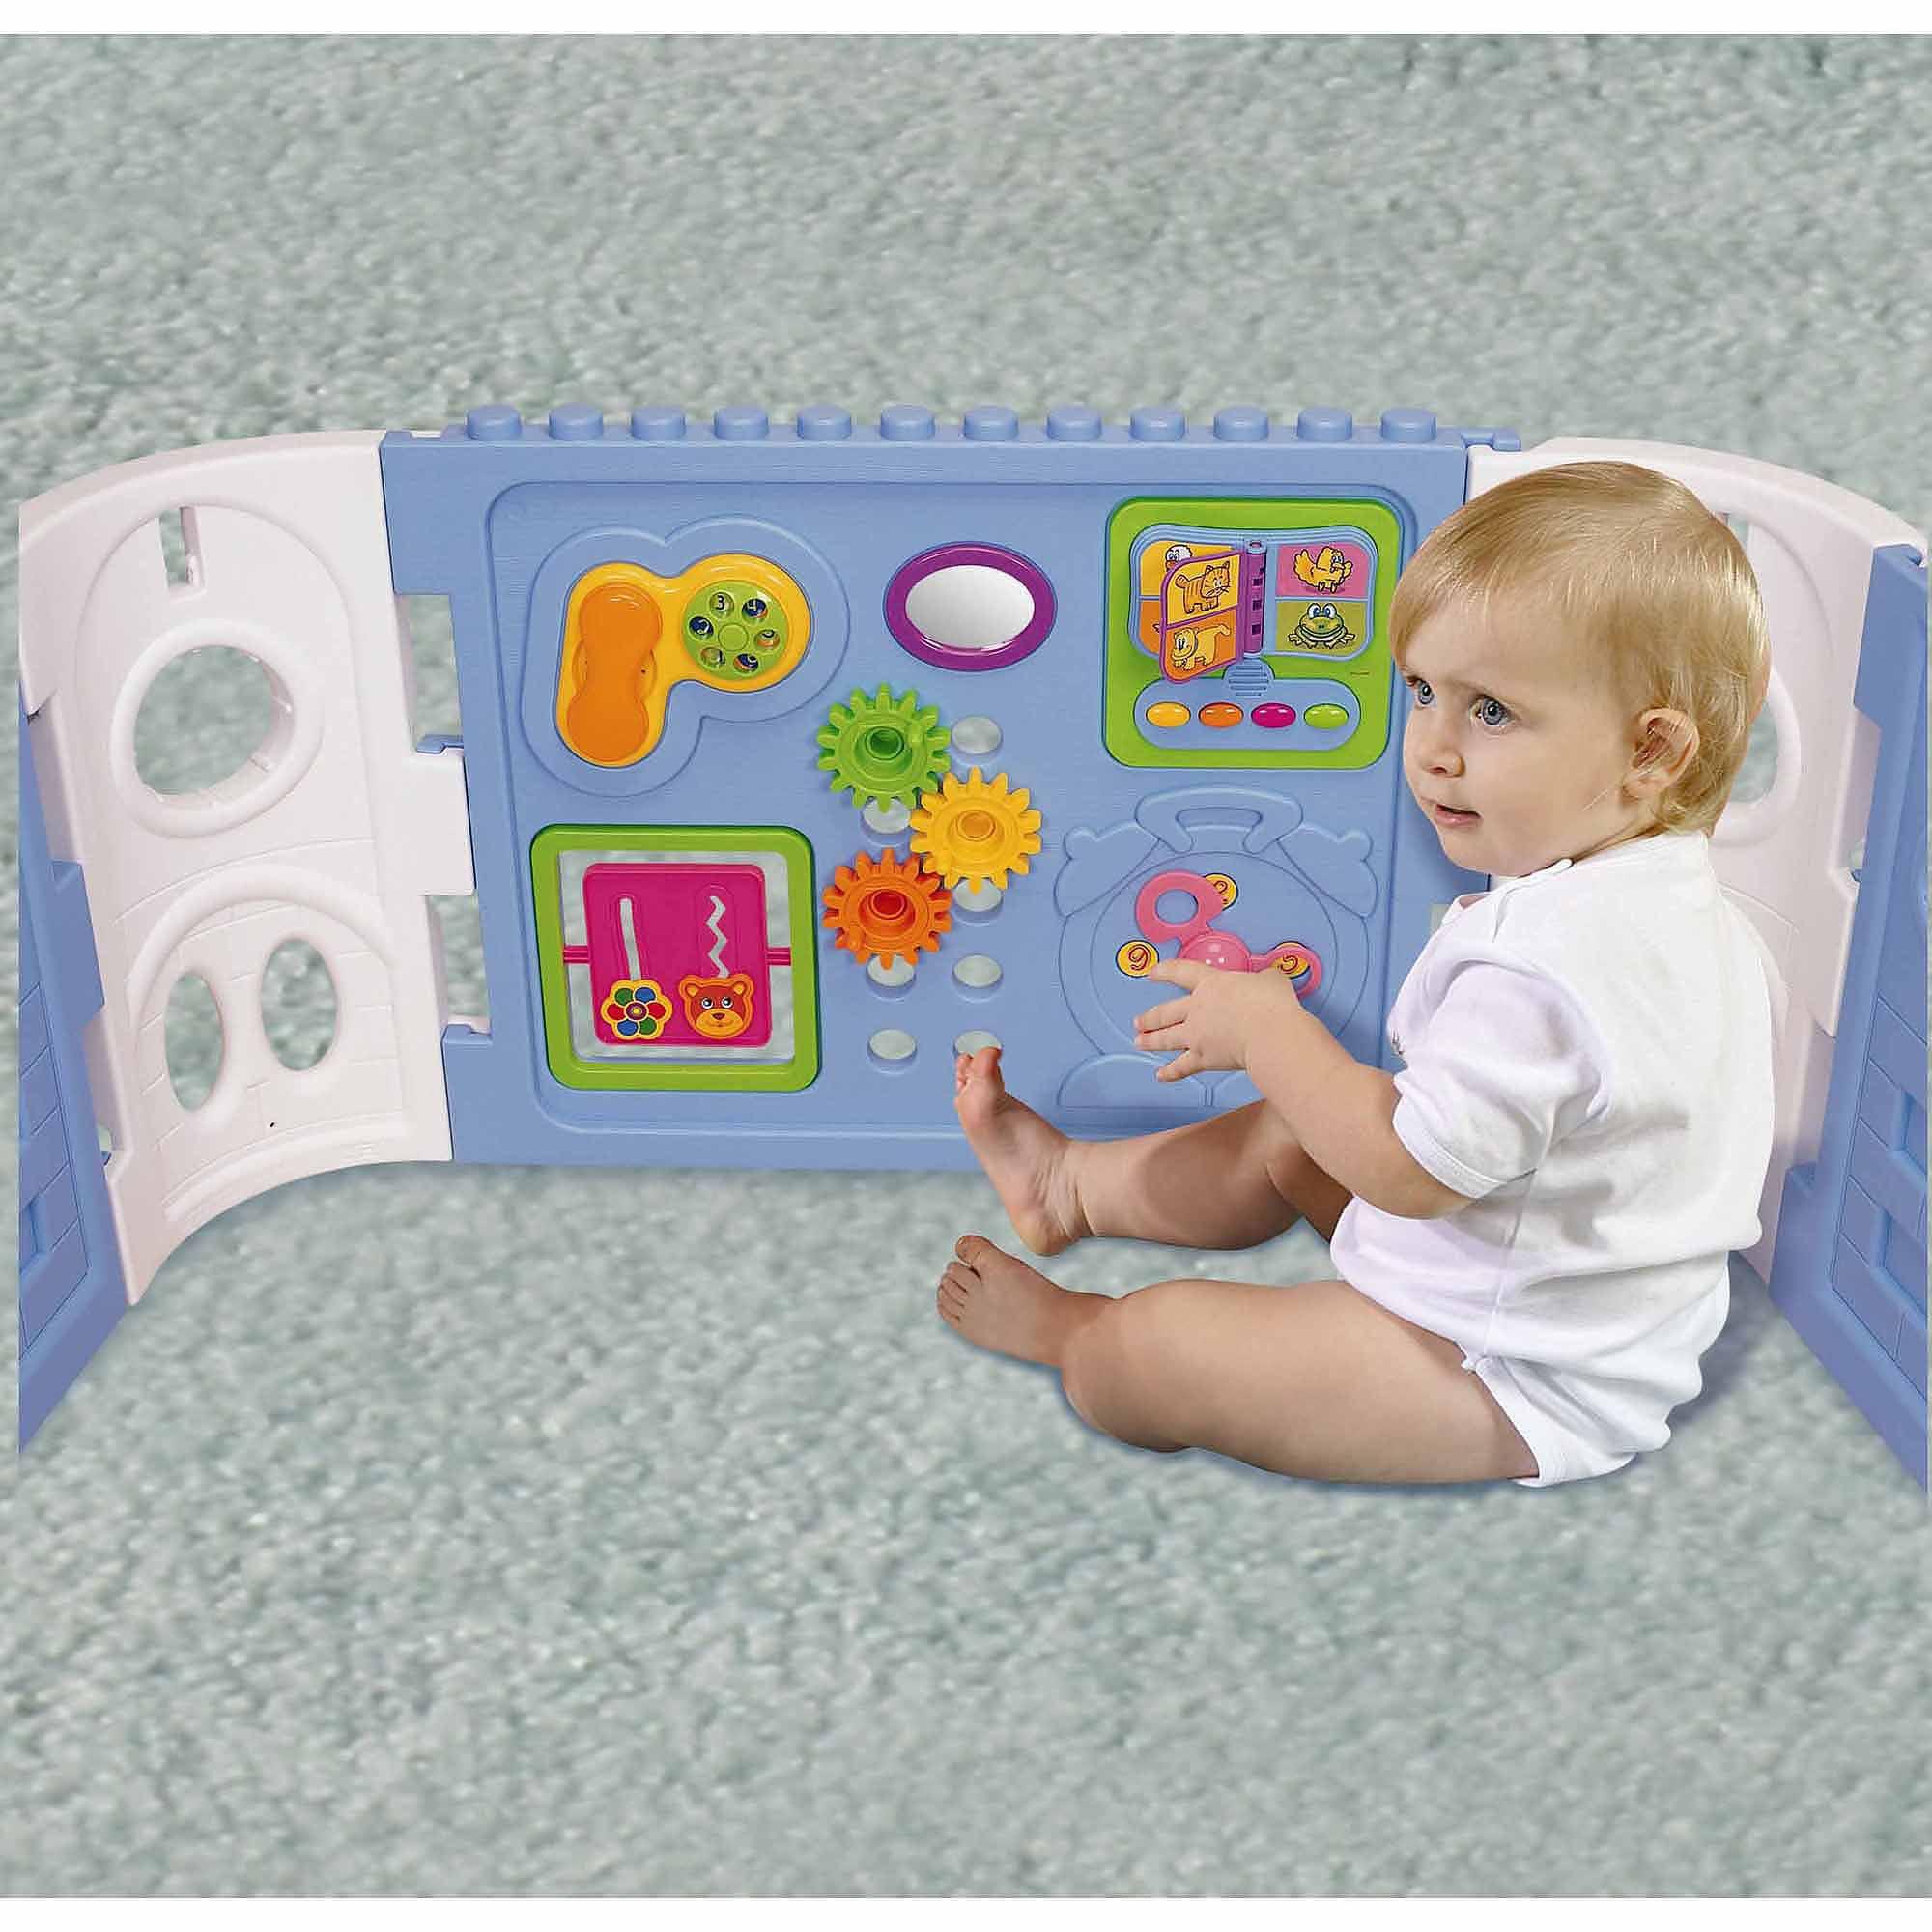 Pavlov'z Toyz Interactive Baby Play Center by Pavlov%27z Toyz